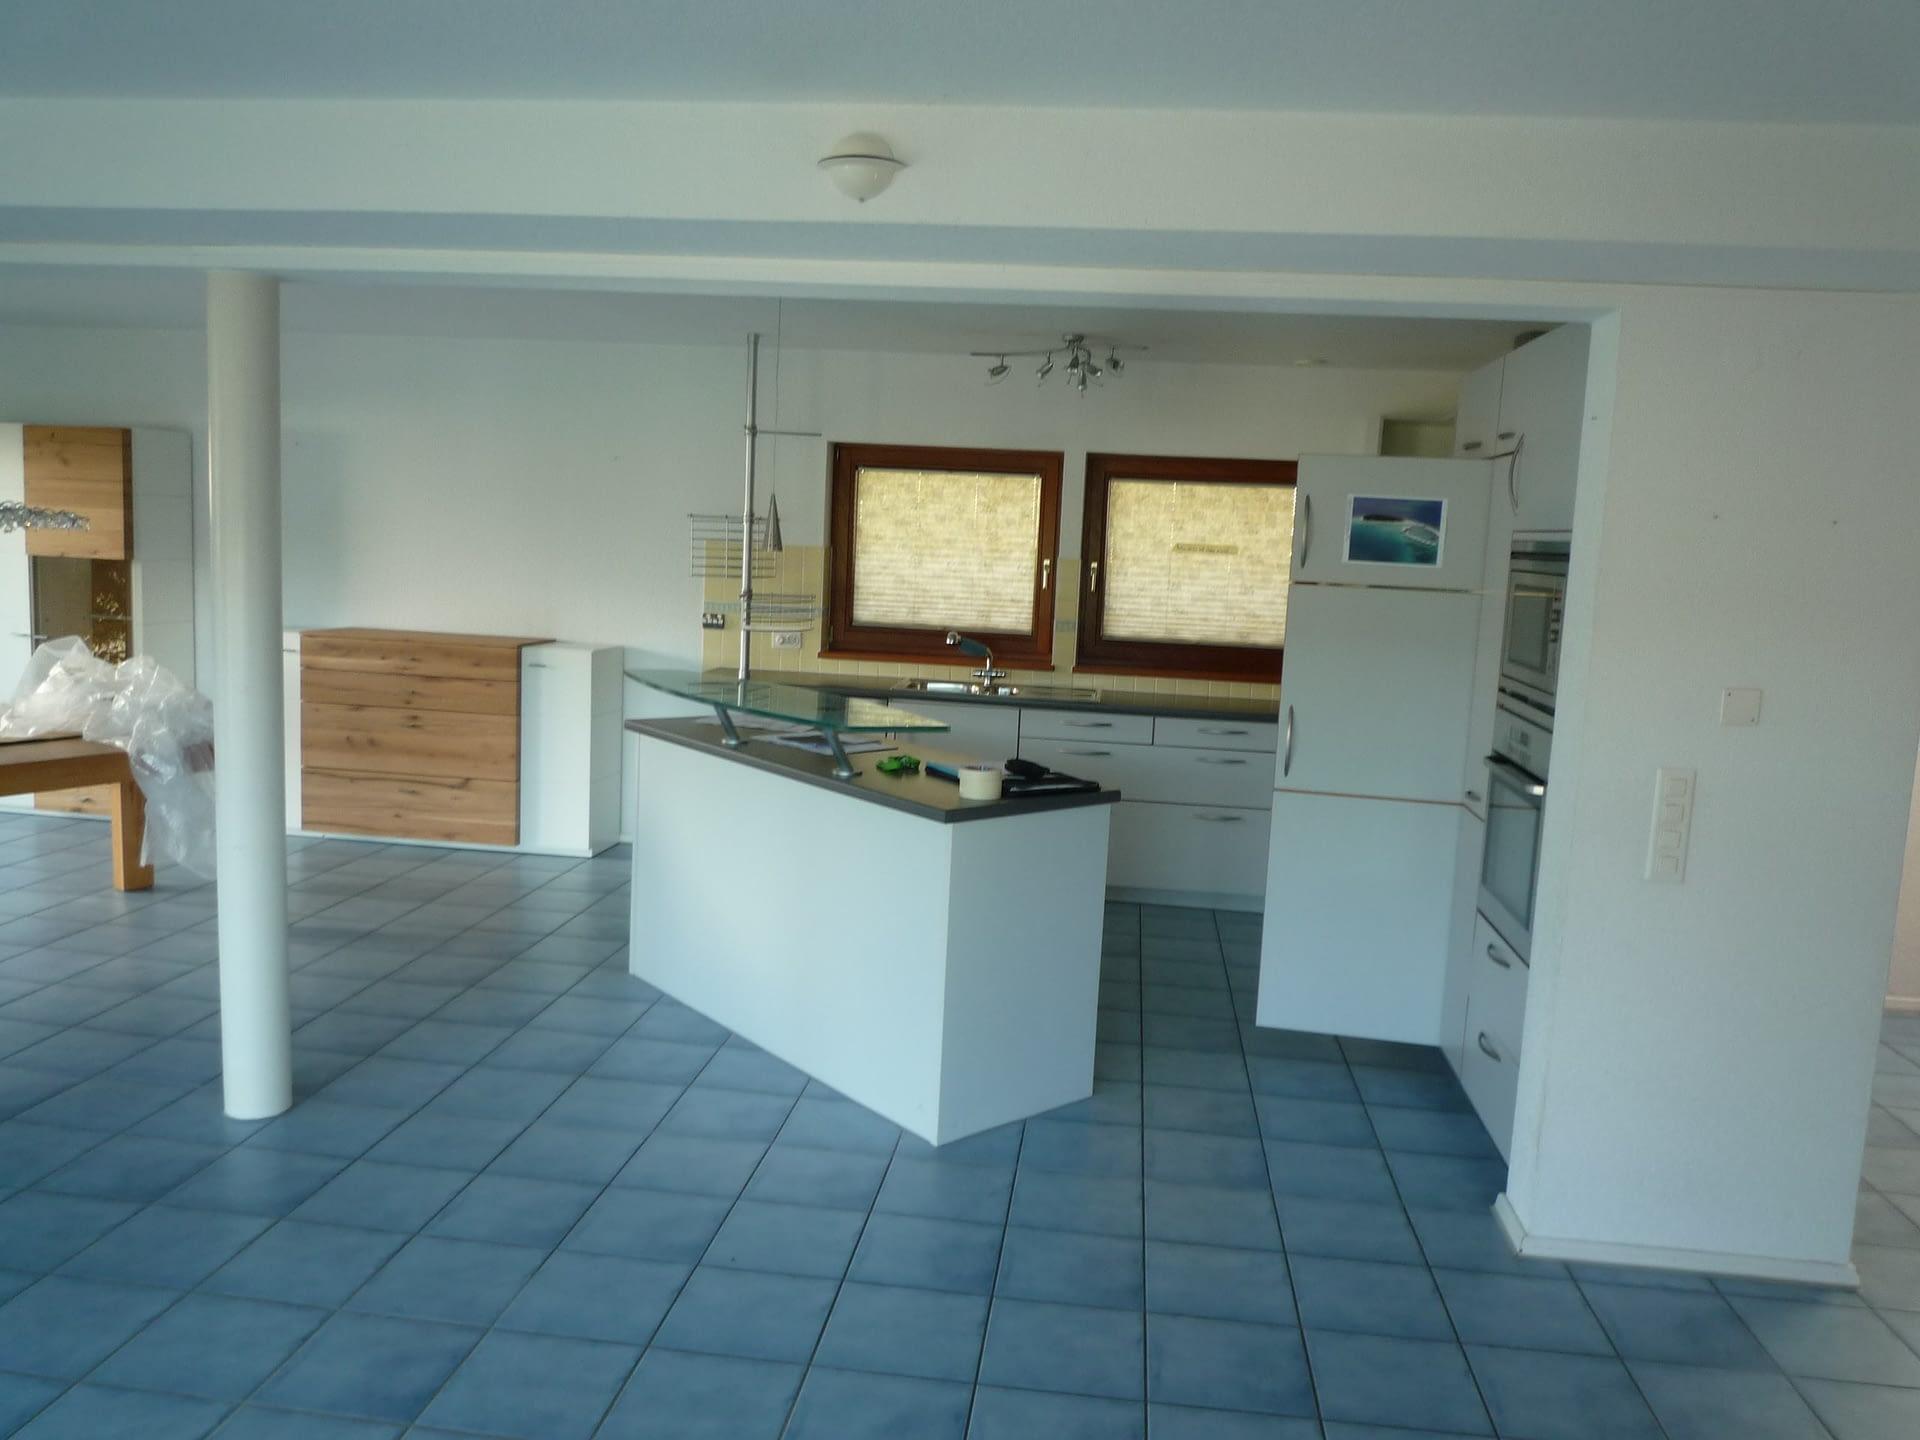 Nachherbild einer Küchenrennovation